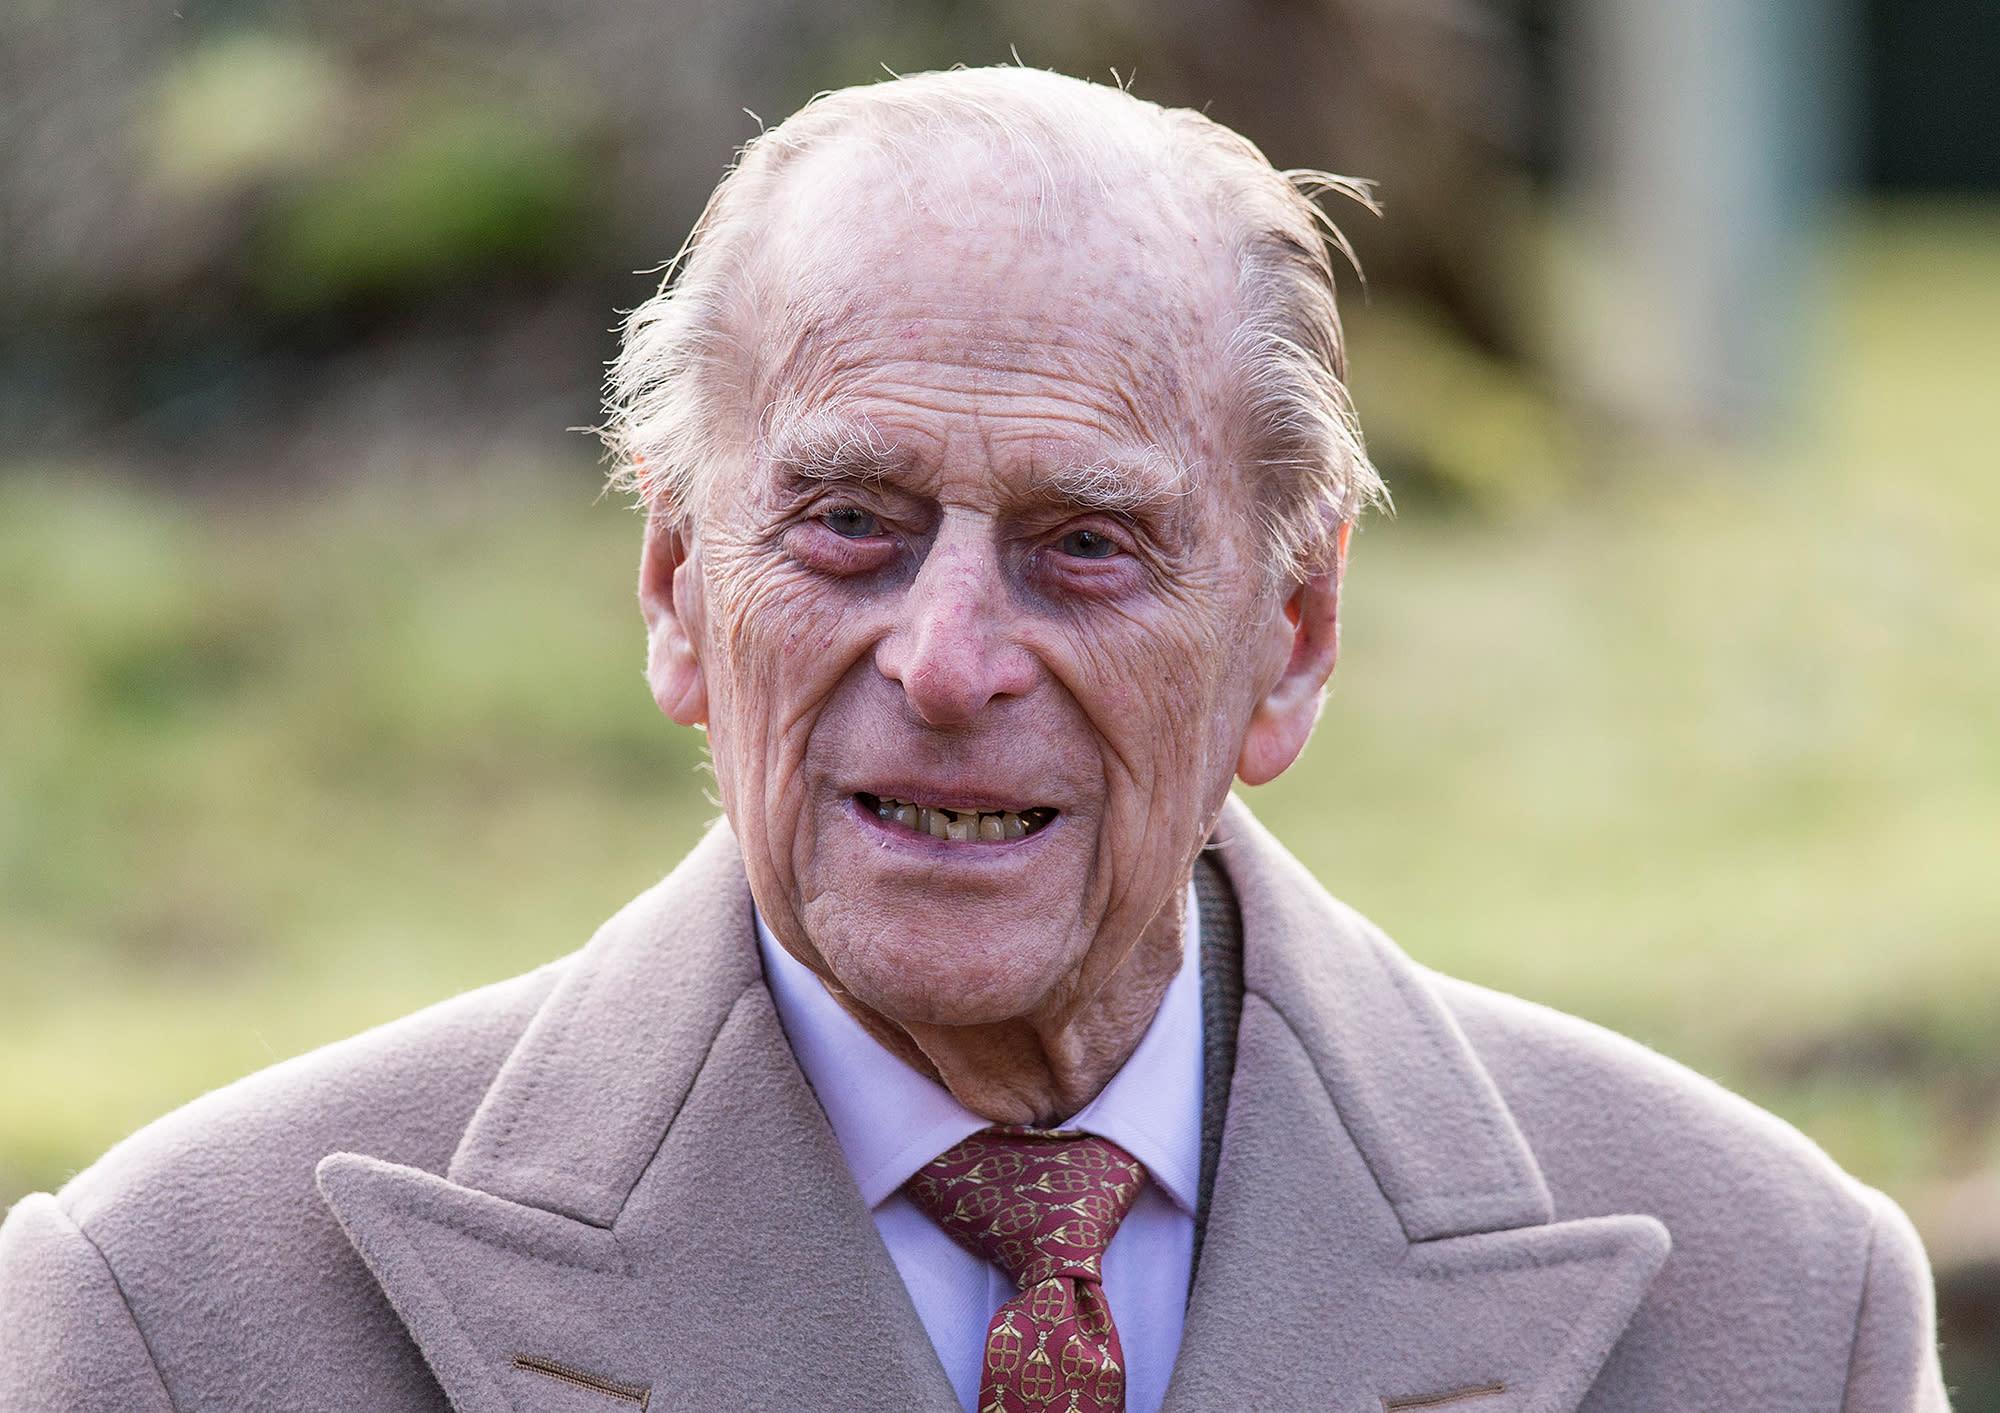 Le prince Philip duc dÉdimbourg né prince Philippe de Grèce et de Danemark le 10 juin 1921 à Corfou en Grèce est le cinquième enfant seul encore en vie